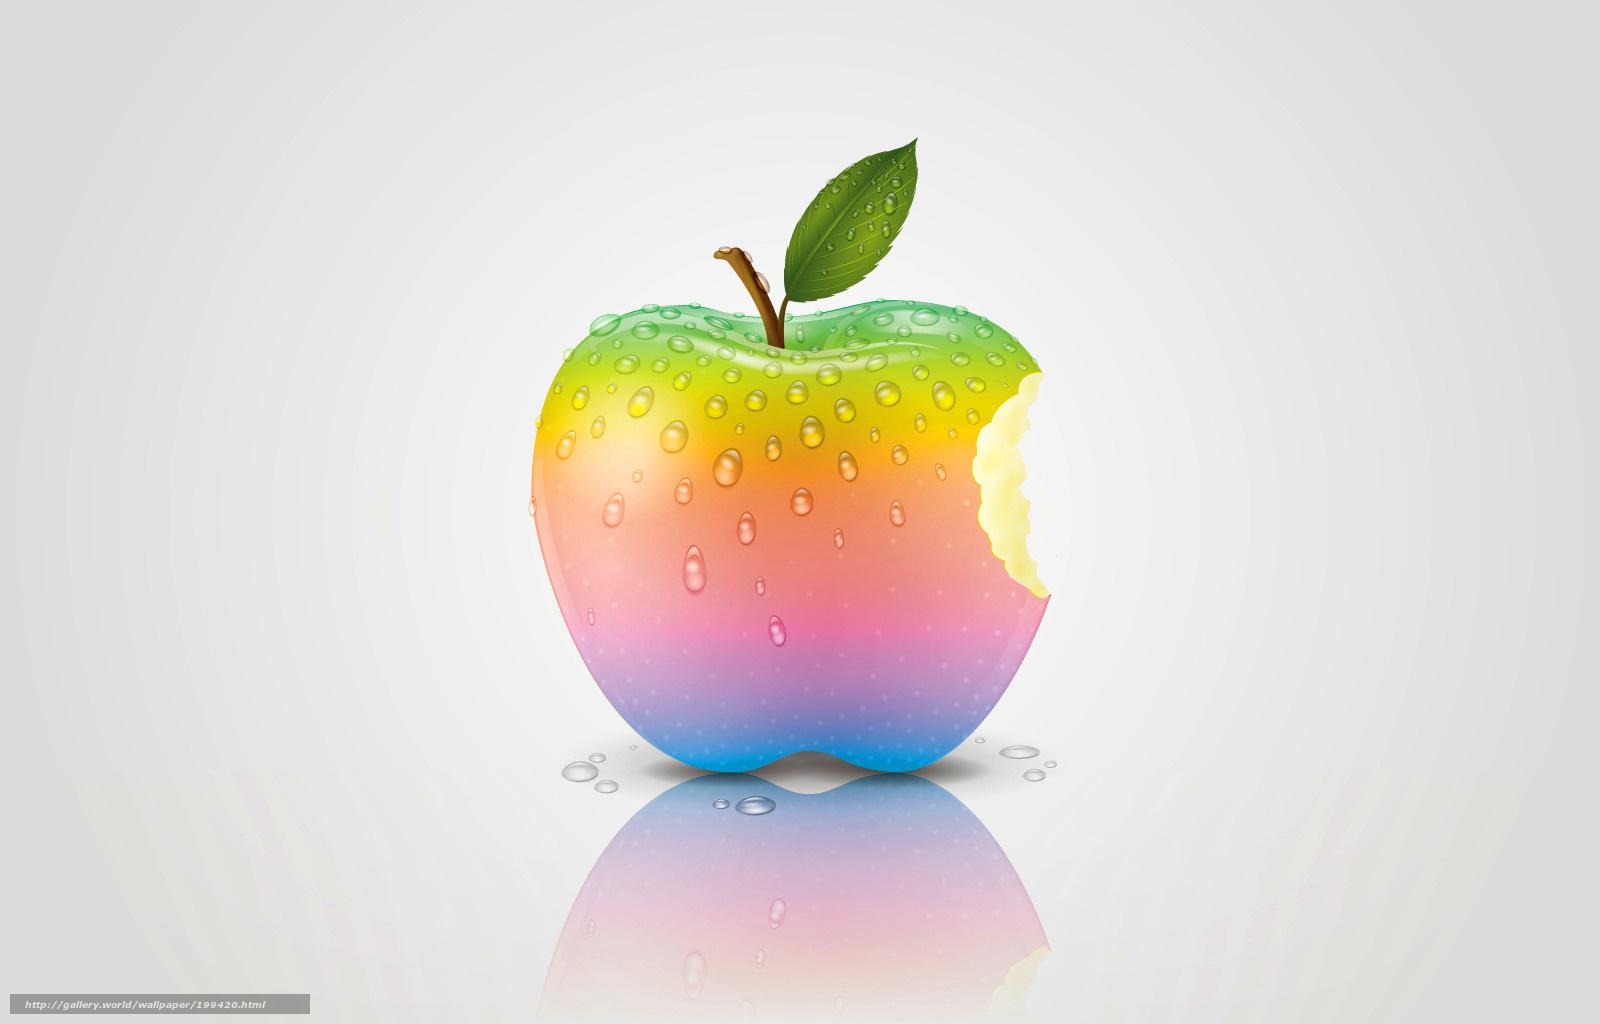 壁紙をダウンロード リンゴ,  虹,  リンゴ デスクトップの解像度のための無料壁紙 1600x1024 — 絵 №199420